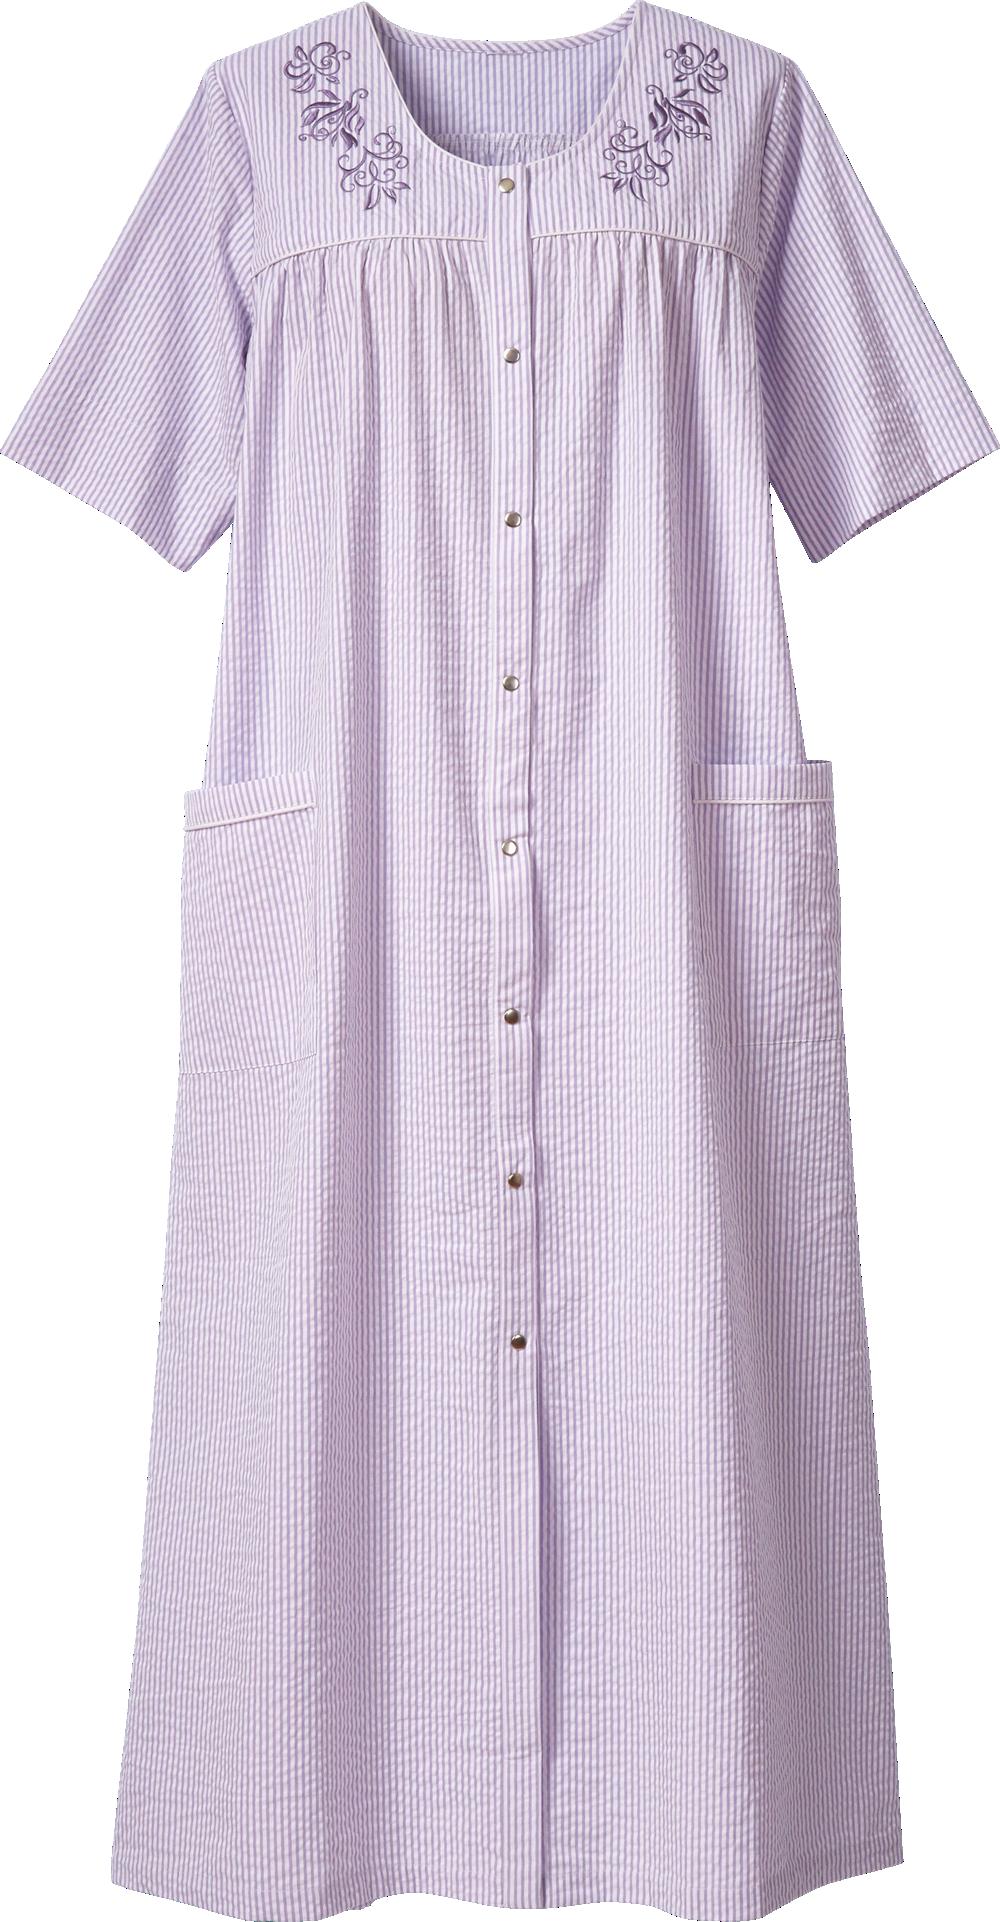 Seersucker Embroidered Robe Night Gown Dress Cotton Night Dress